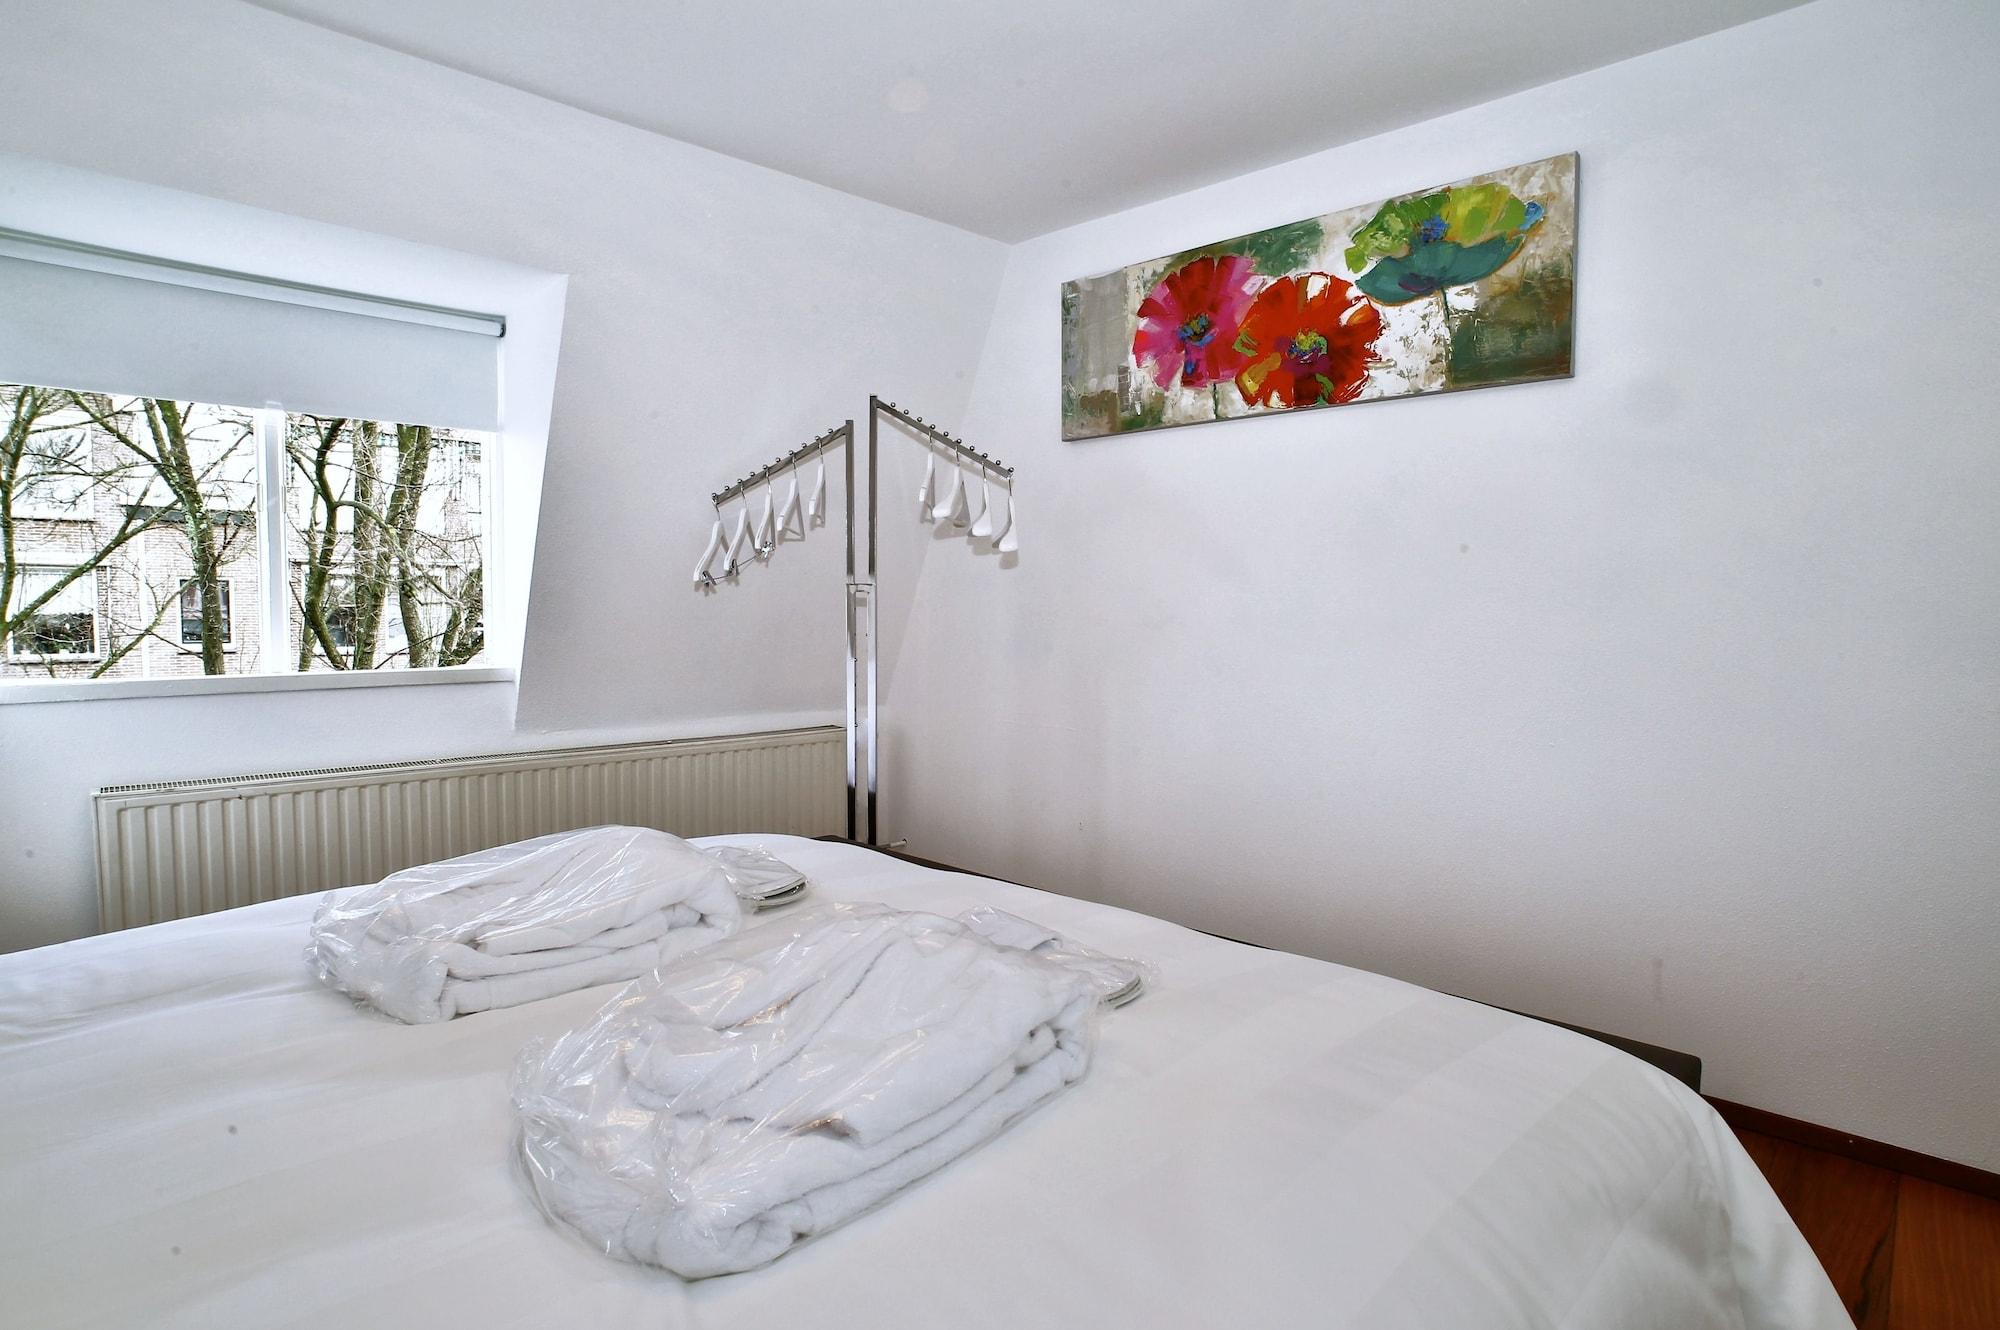 Luxury Apartments Delft - Royal Delft Blue, Delft